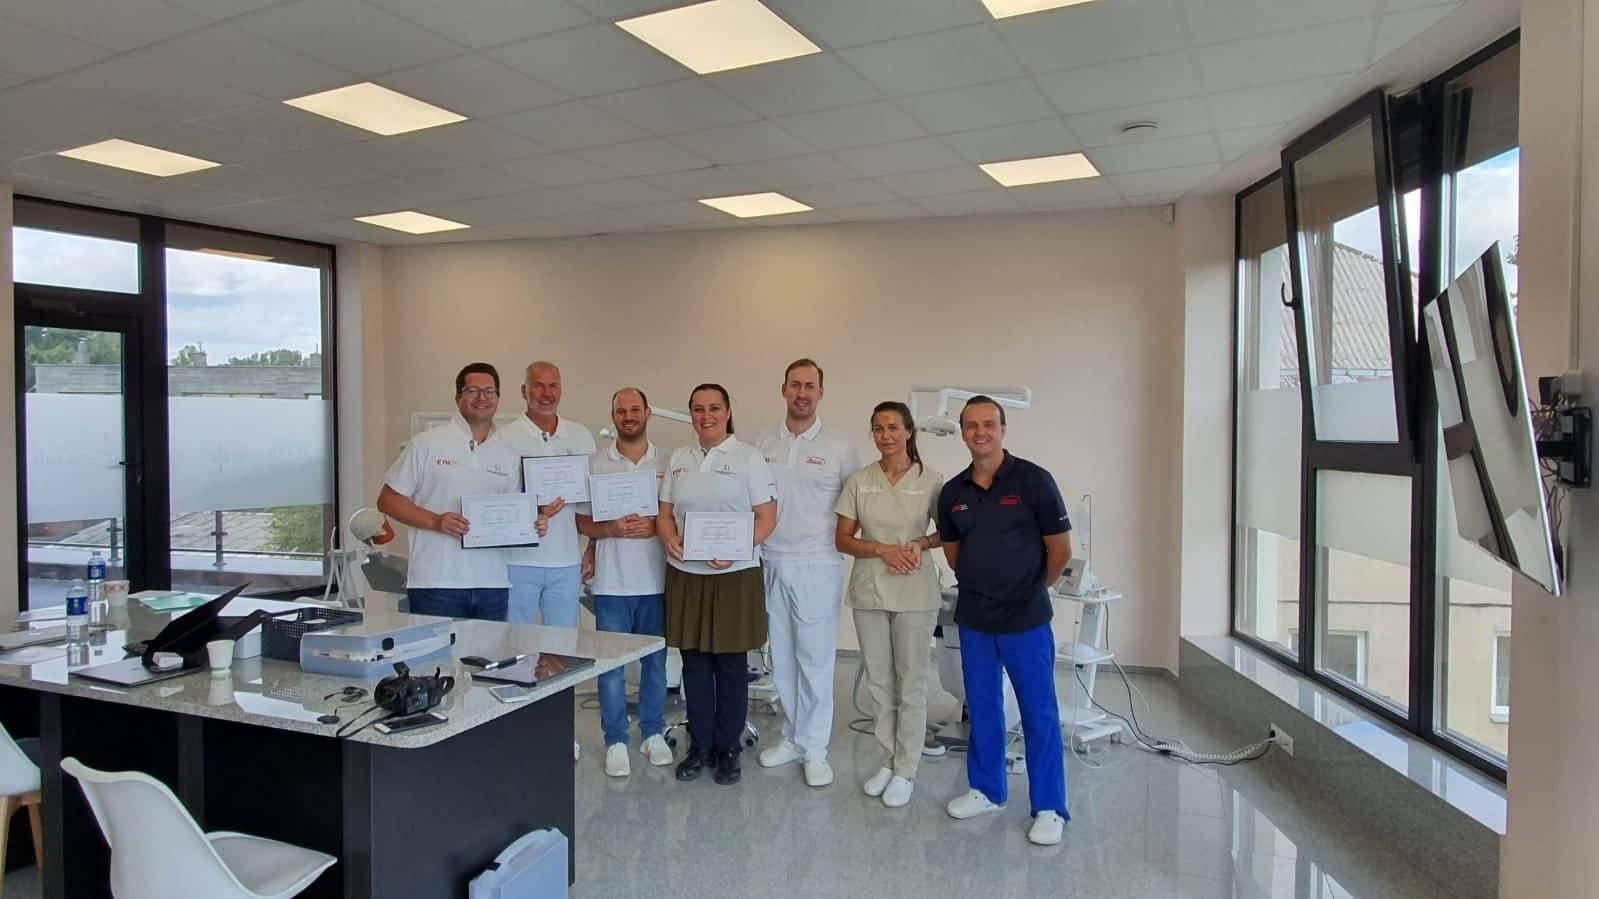 Odontologai iš Austrijos ir Vokietijos patirties semiasi Šiauliuose